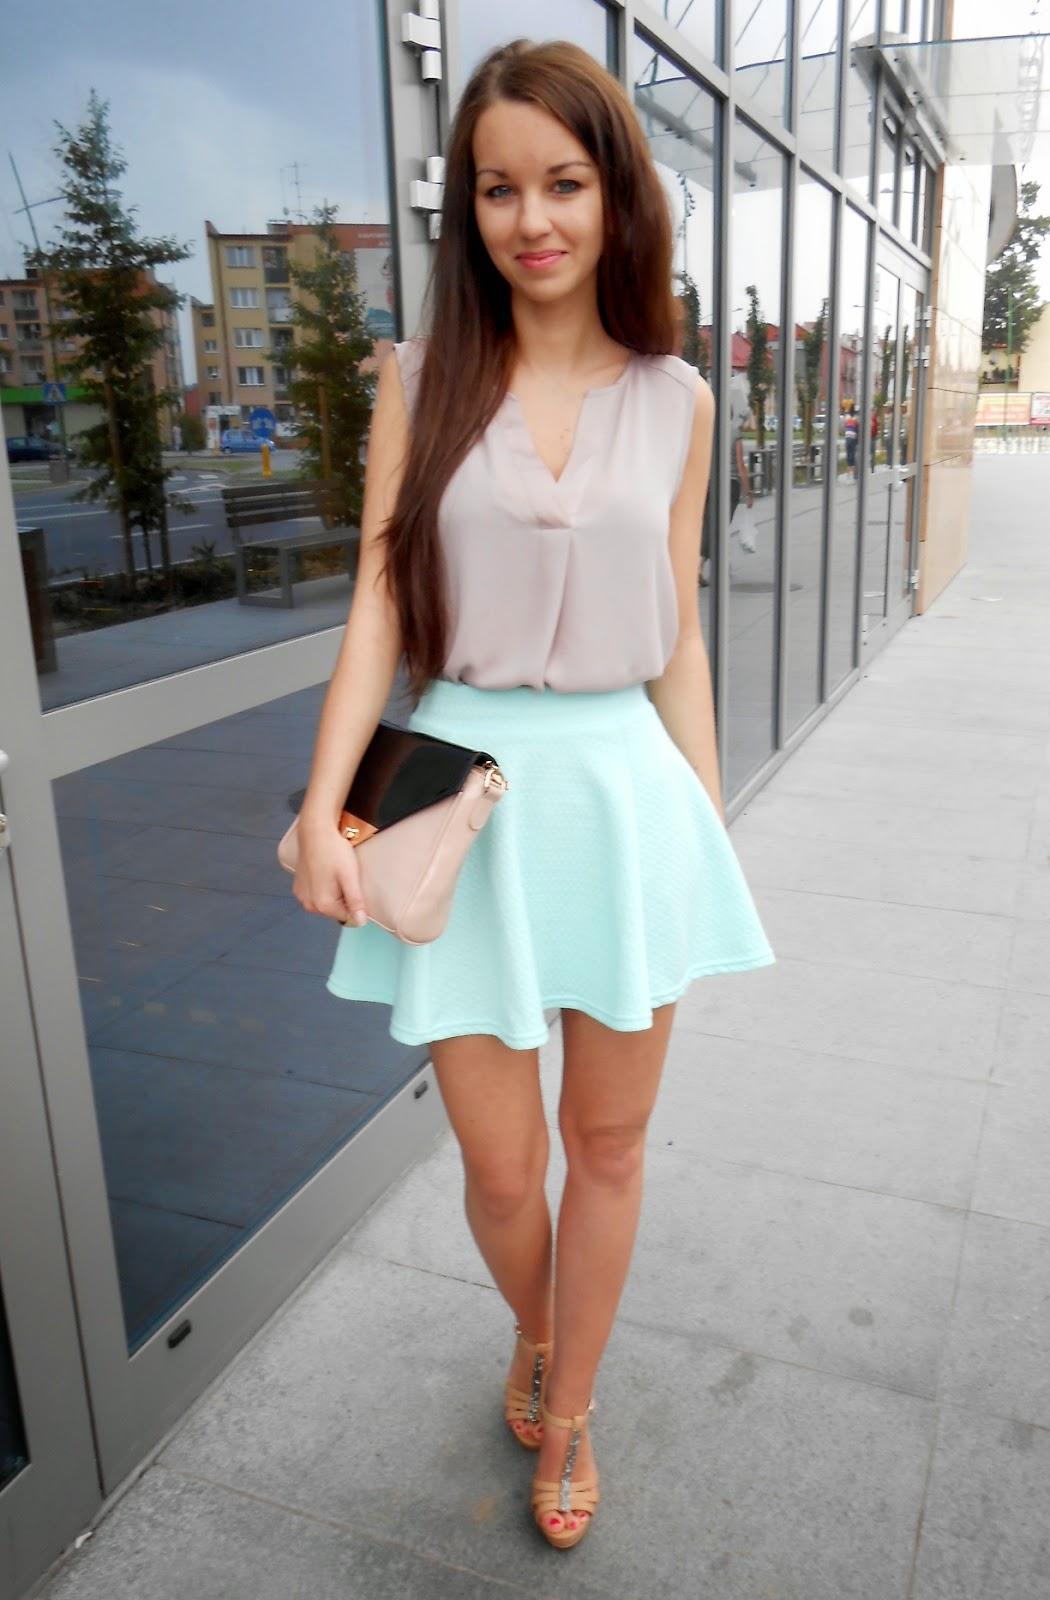 80001a3a25 Kolejny elegancki zestaw  -) w okresie letnim uwielbiam nosić spódniczki  lub sukienki dlatego i tym razem kolejny zestaw z miętową spódnicą.